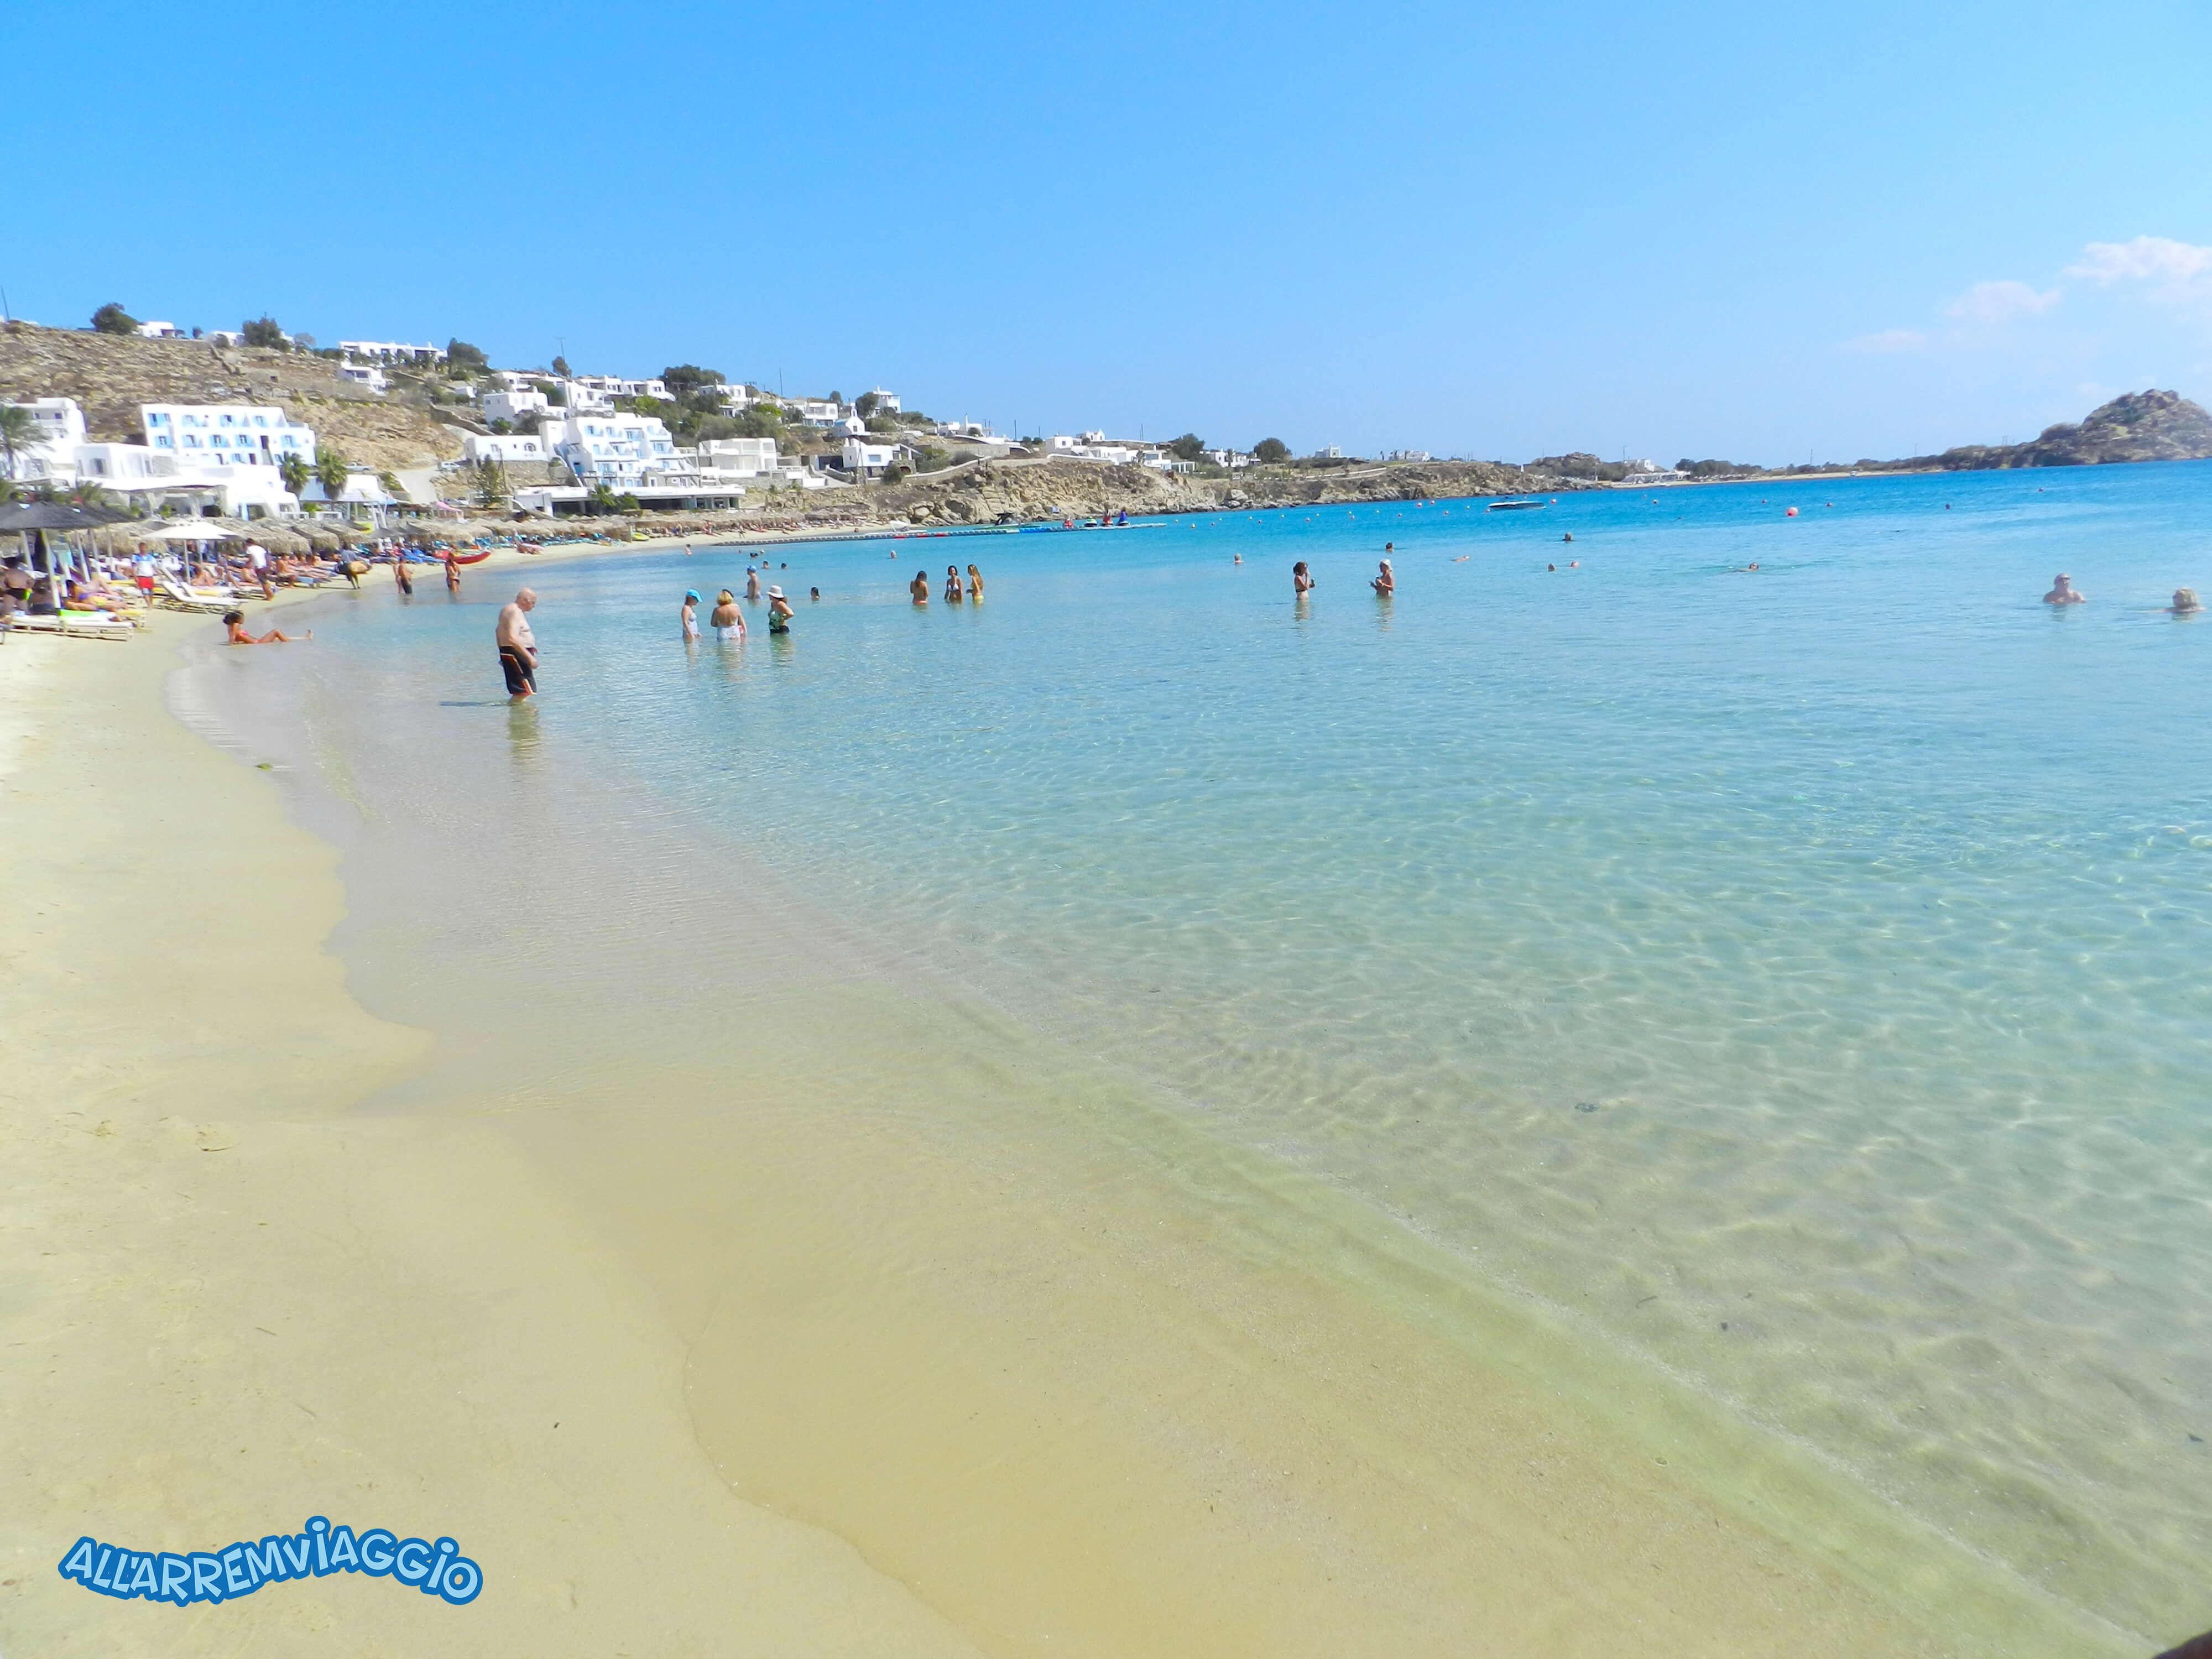 spiagge, imperdibili, mykonos, cicladi, grecia, mare, spiaggedasogno, platisgialos